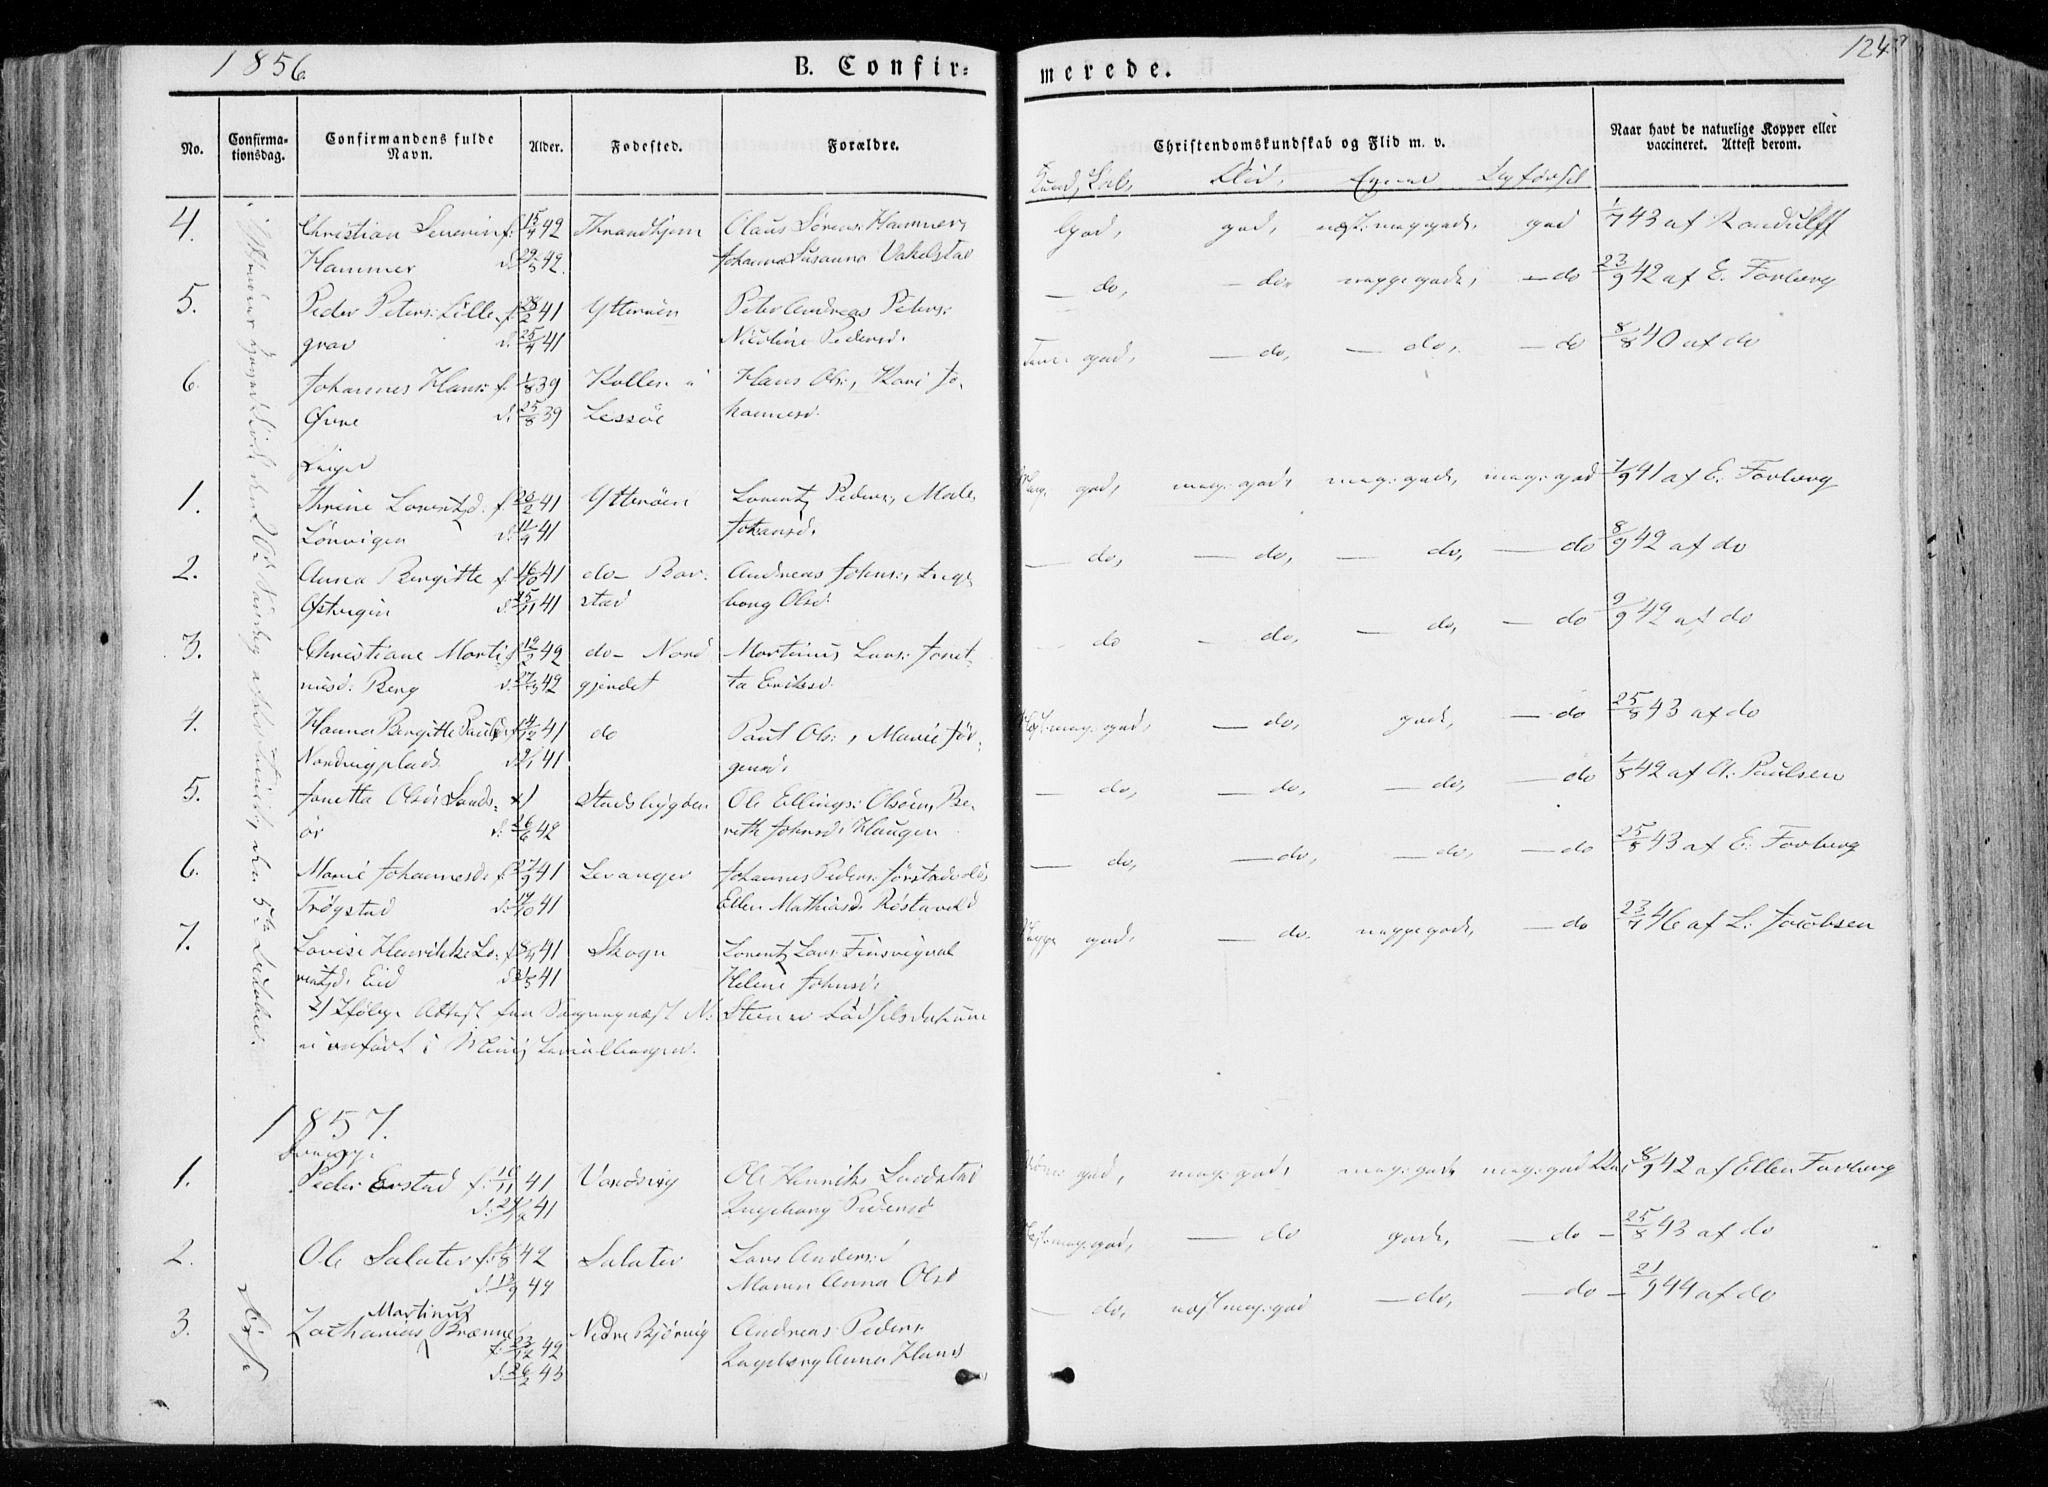 SAT, Ministerialprotokoller, klokkerbøker og fødselsregistre - Nord-Trøndelag, 722/L0218: Ministerialbok nr. 722A05, 1843-1868, s. 124